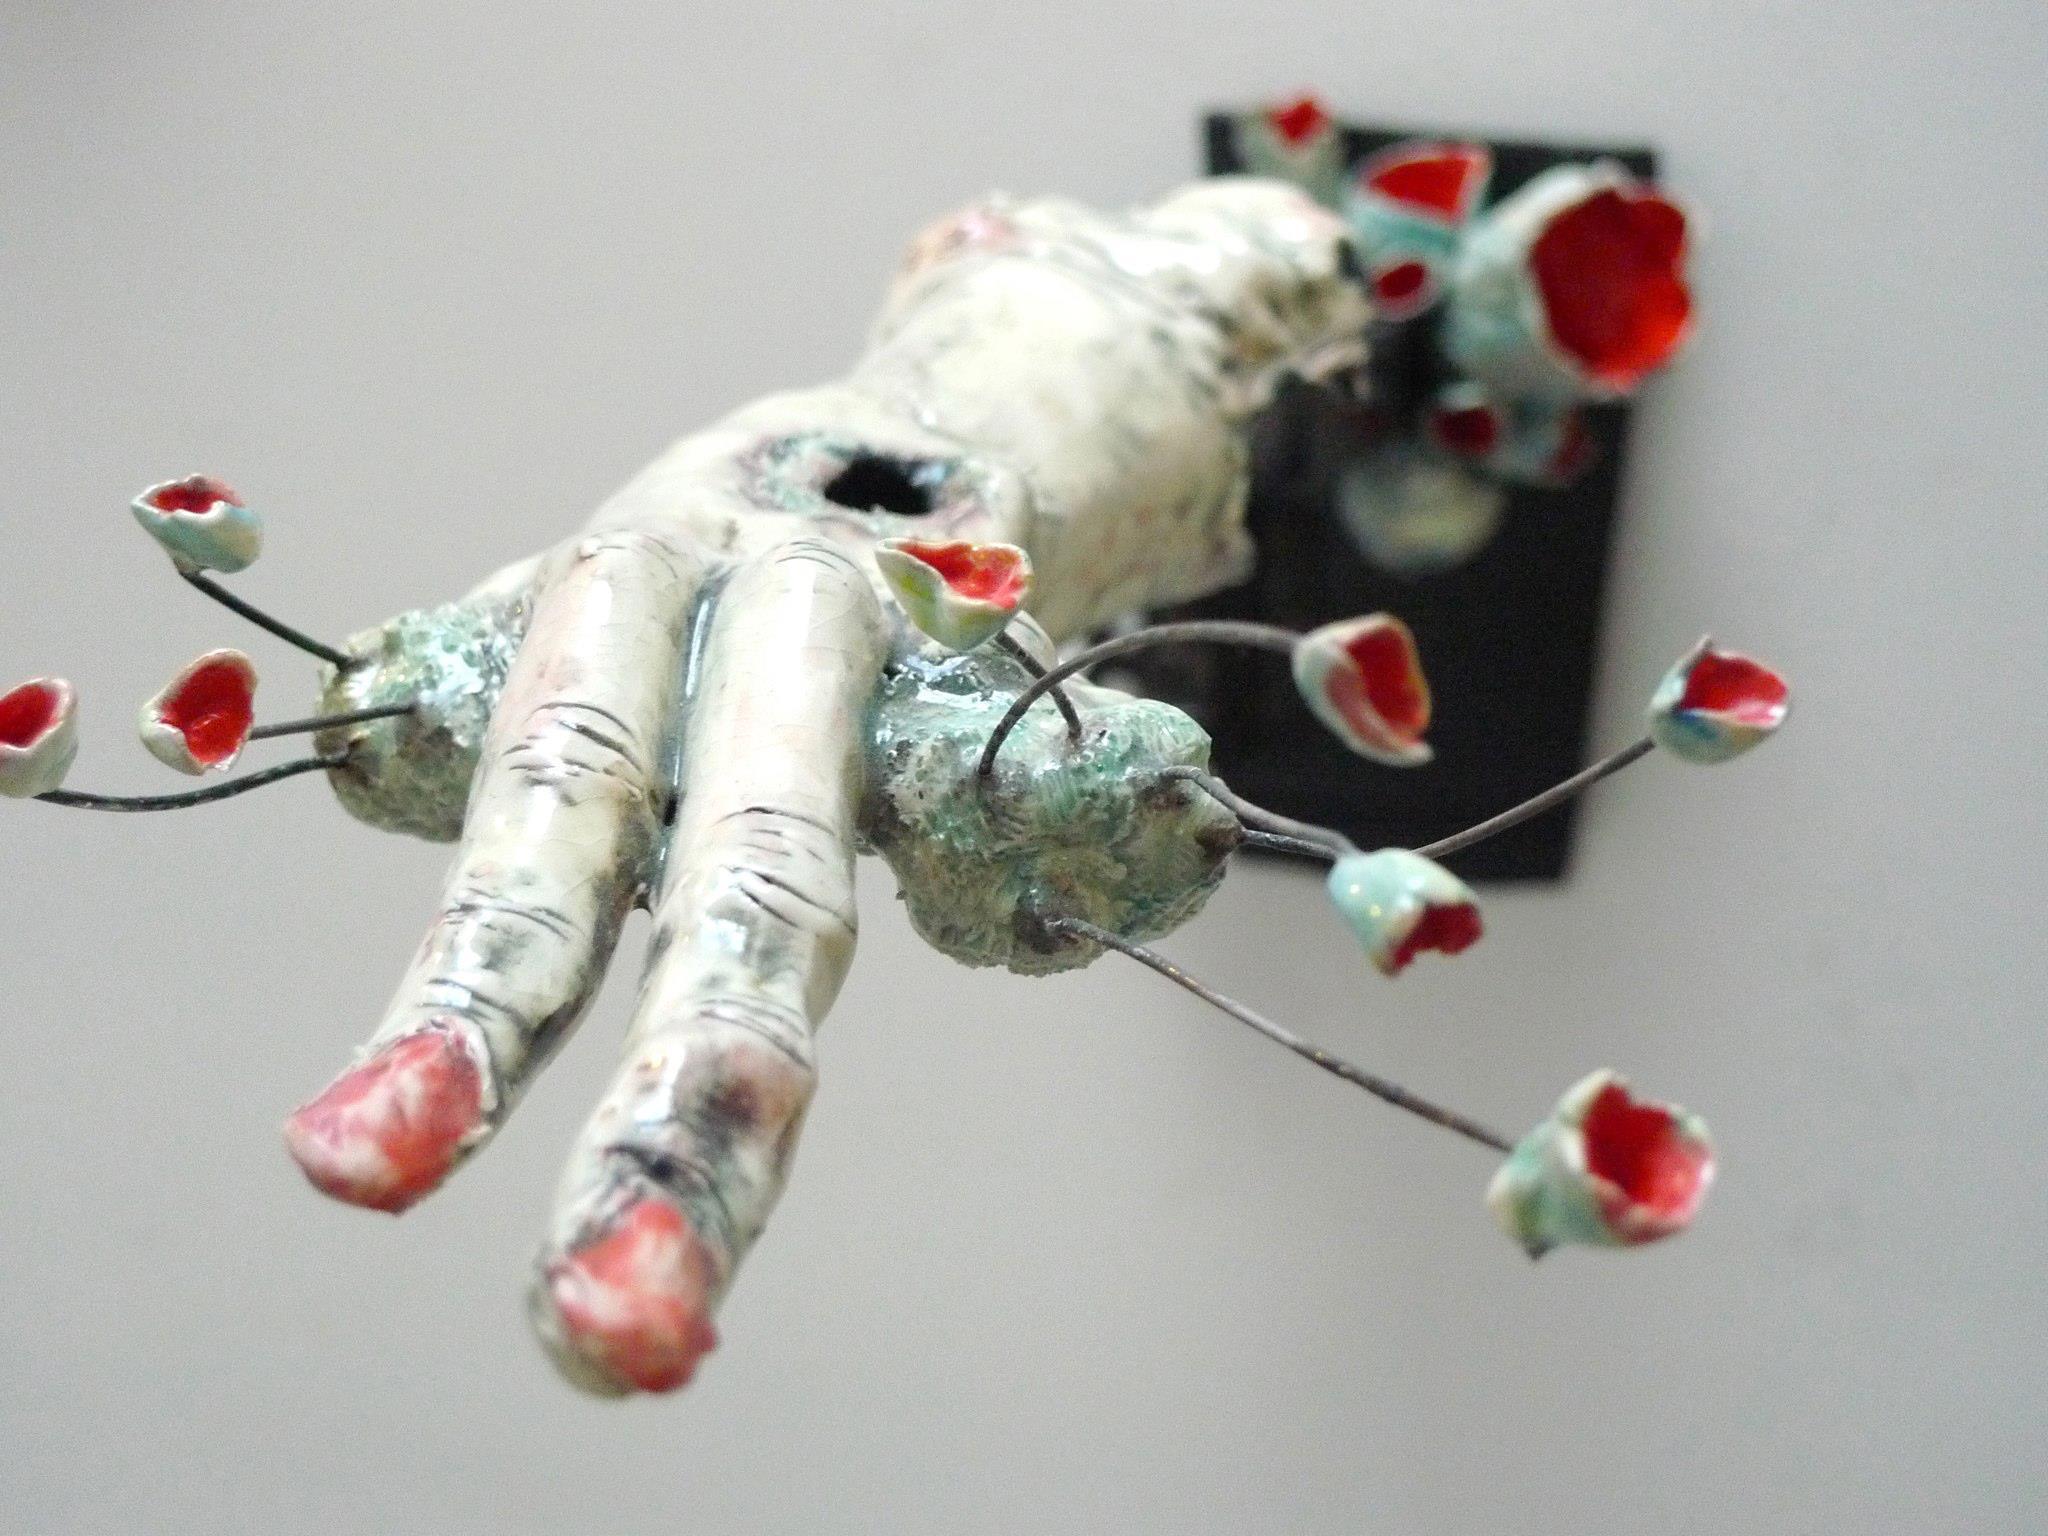 Sarah Louise Davey – Sculptures Foxglove